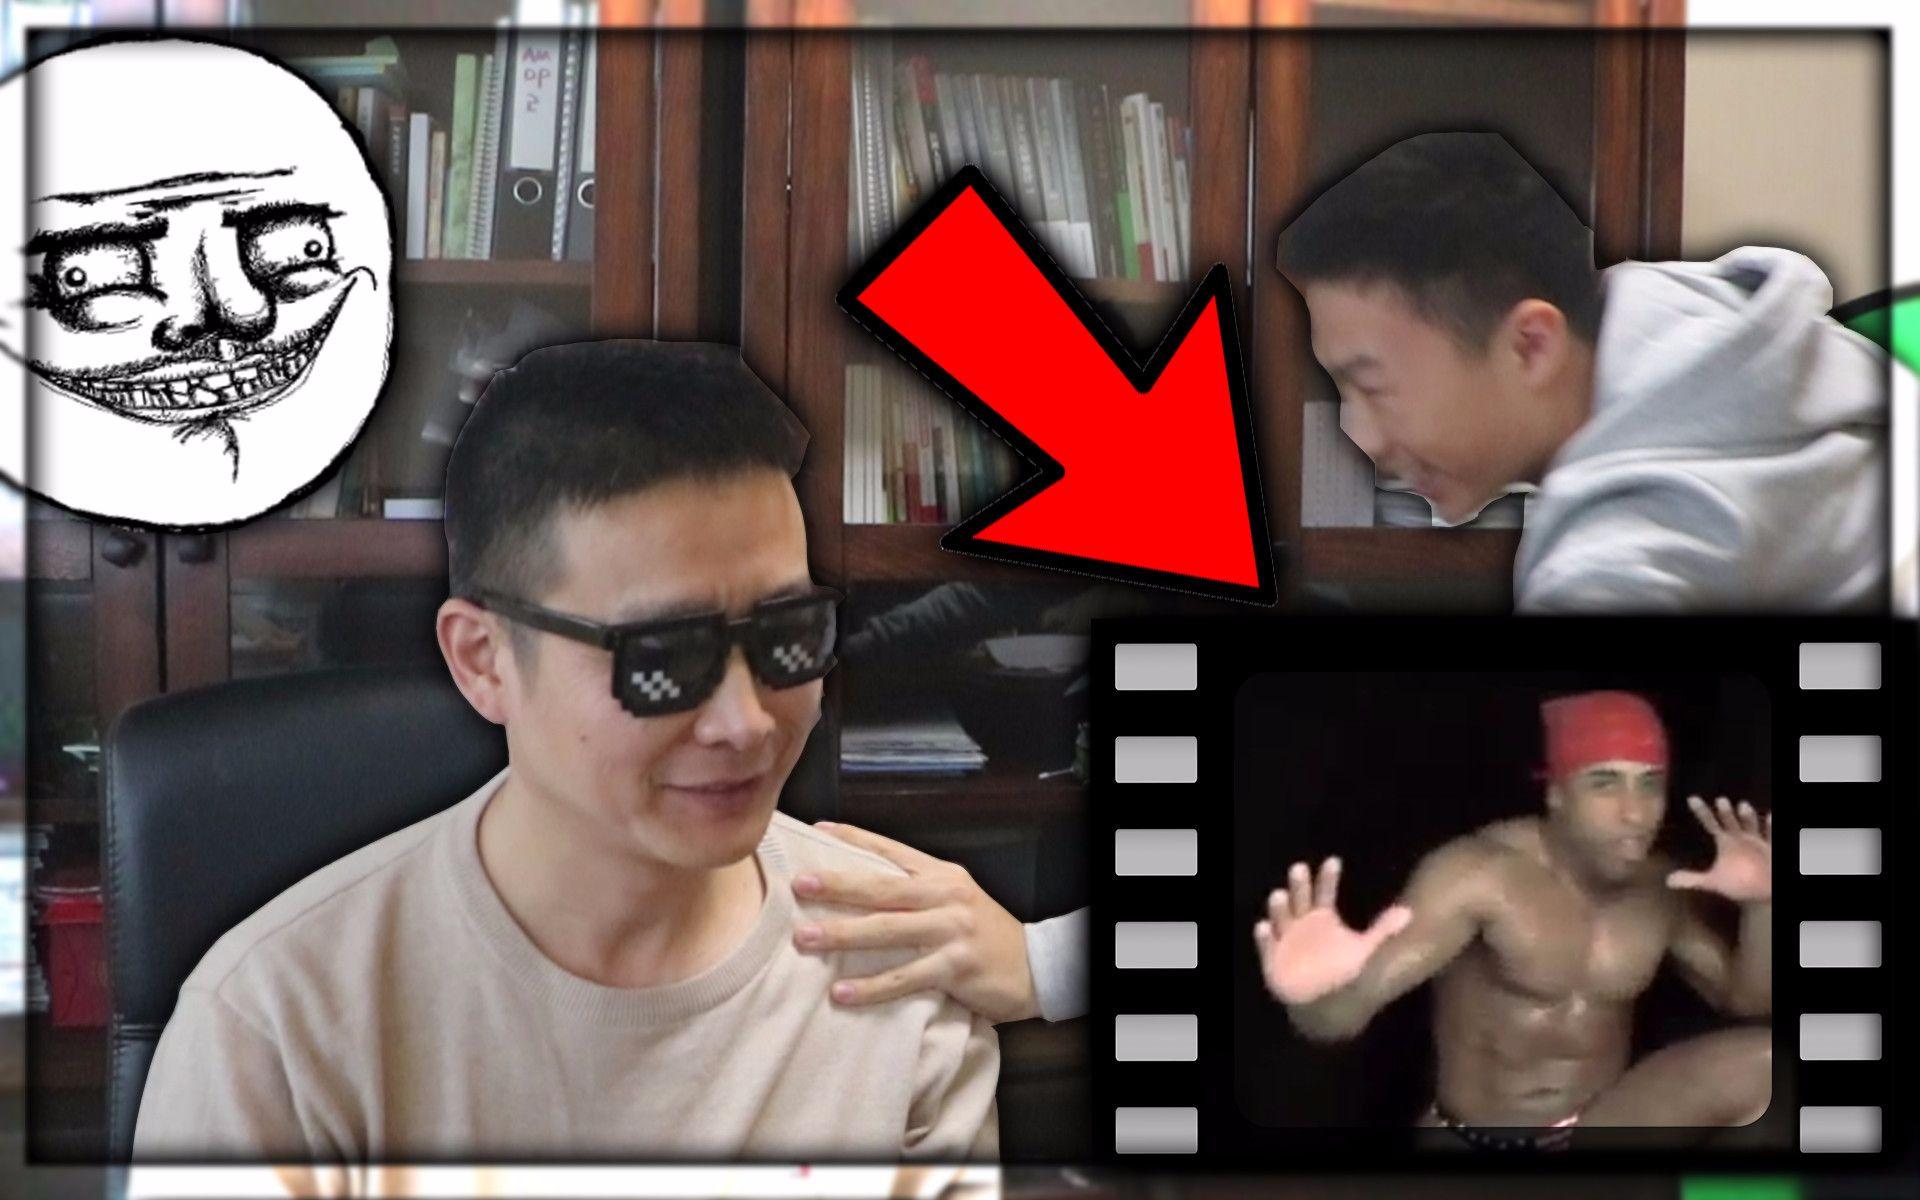 【全程高能】拉我爸看香蕉君♂原版视频!(惨不忍睹)场面一度十分尴尬